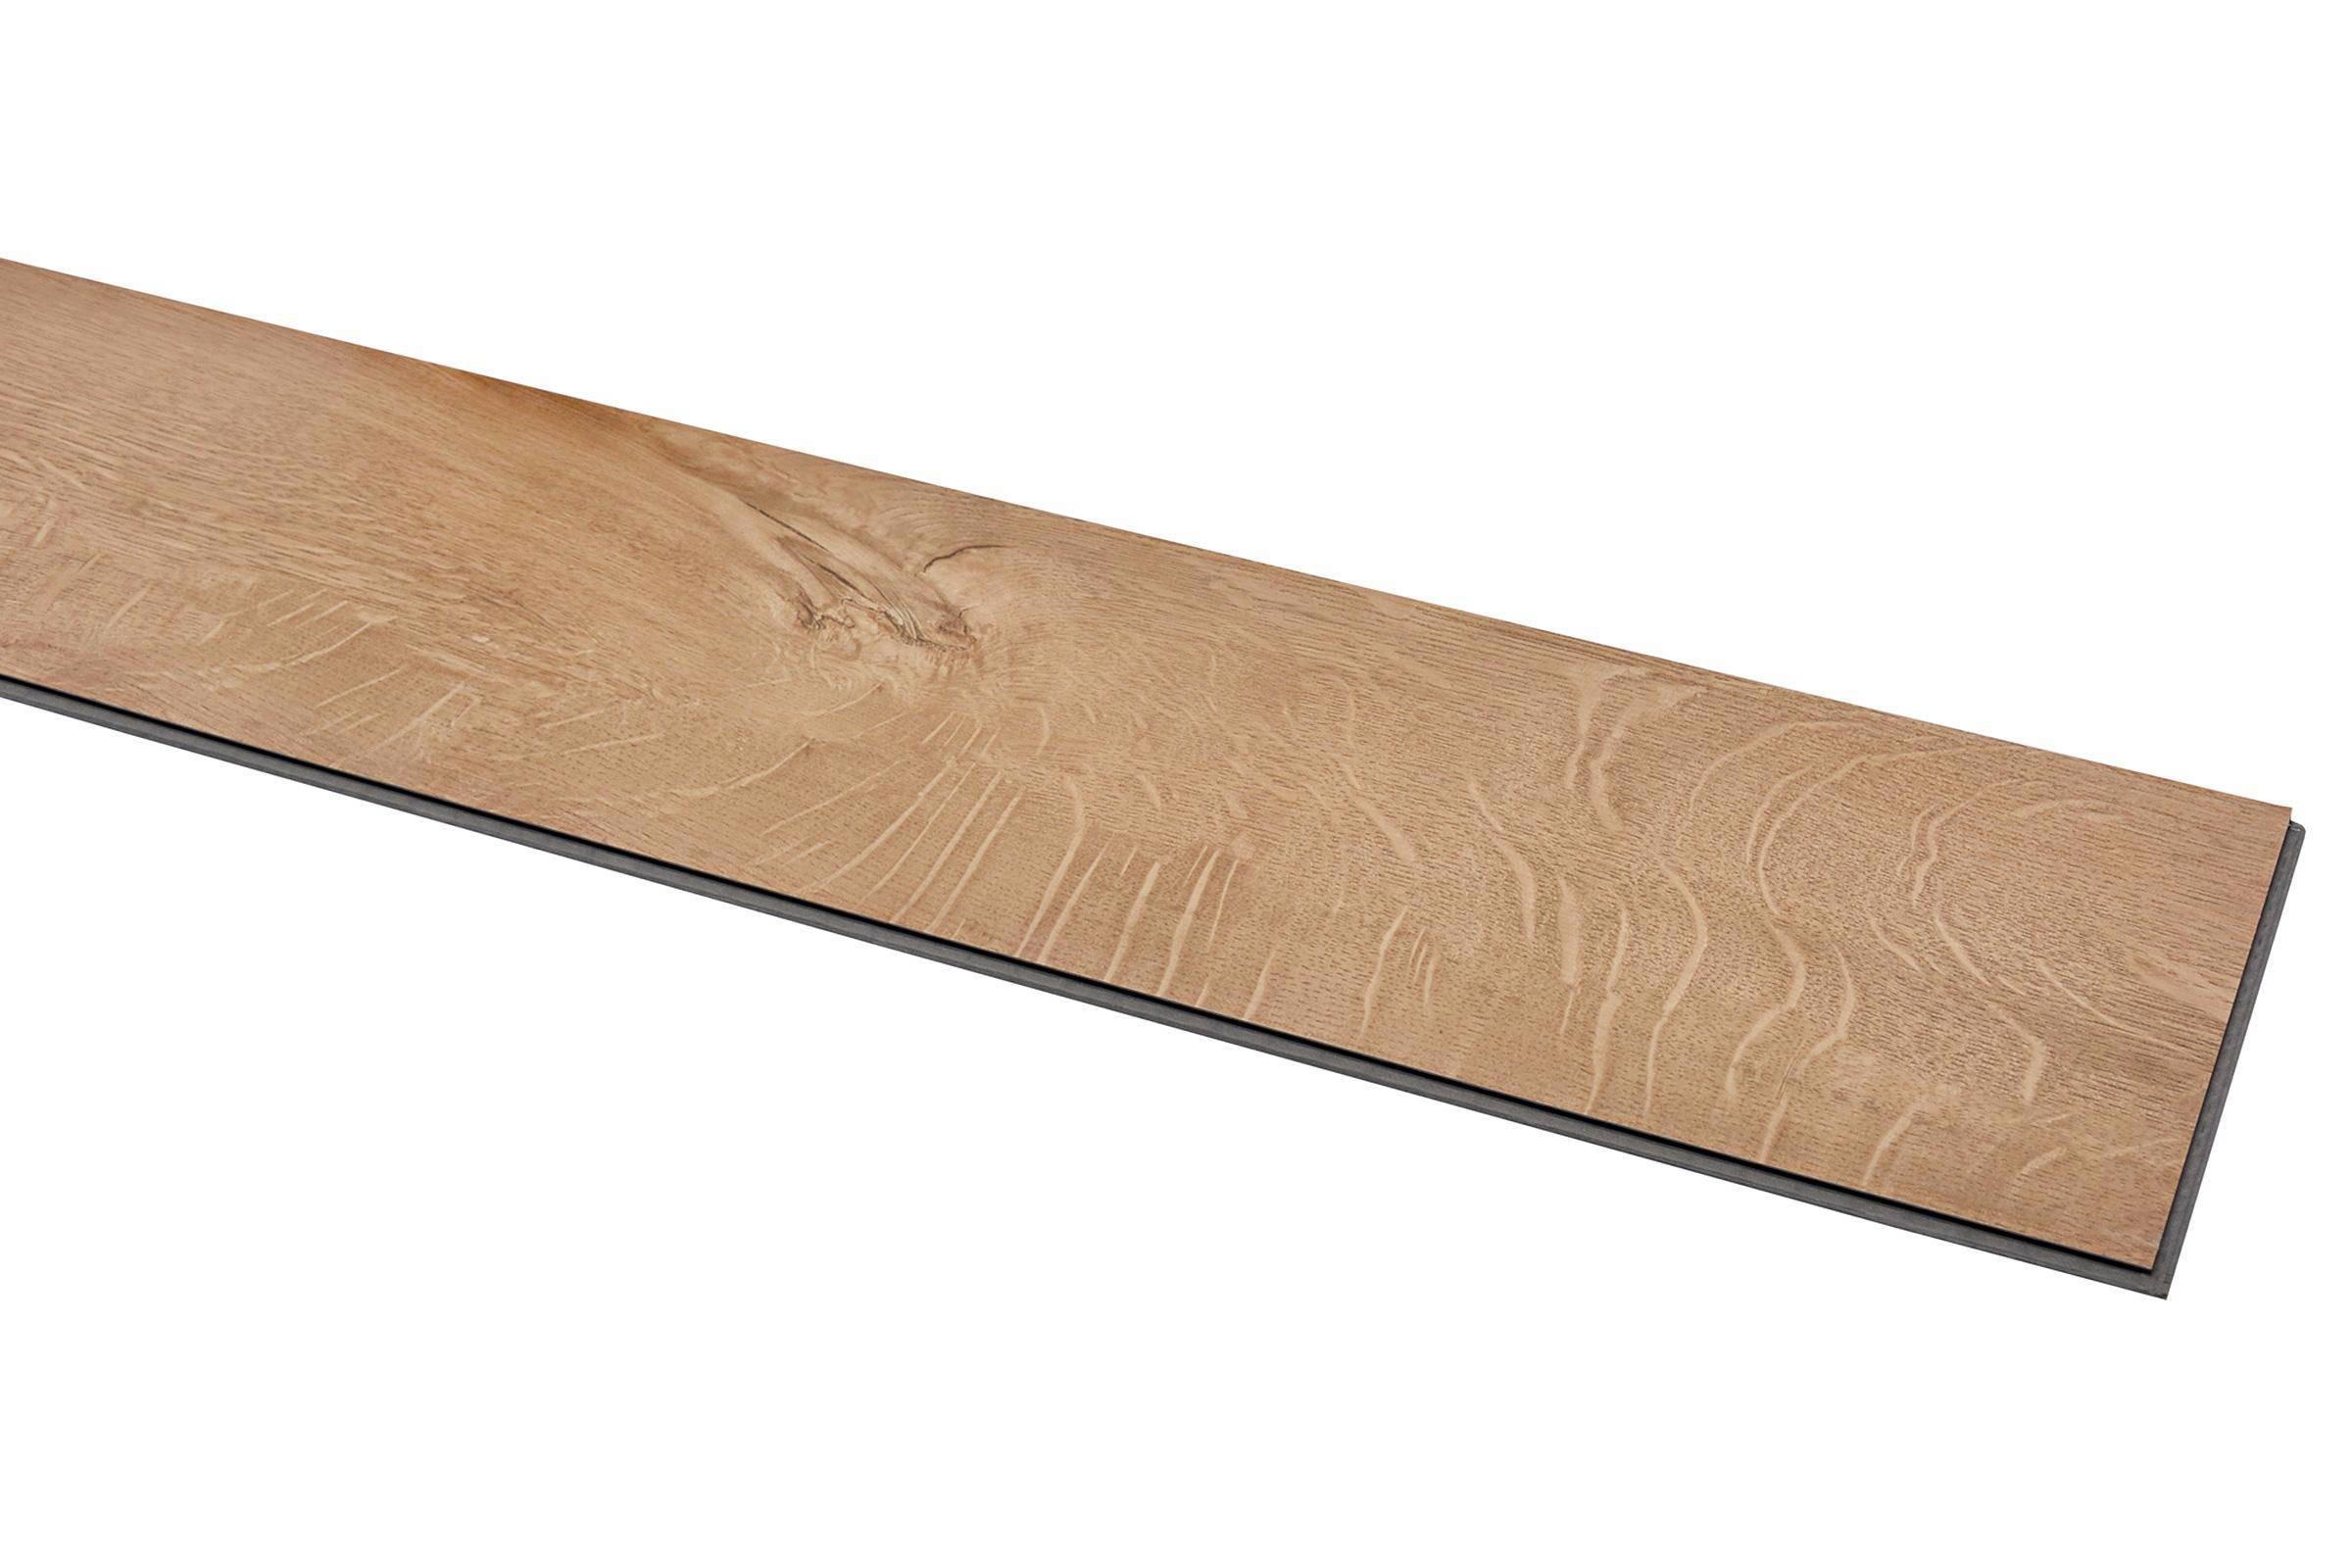 Flexxfloors click style kunststof vloer taiga eiken wehkamp